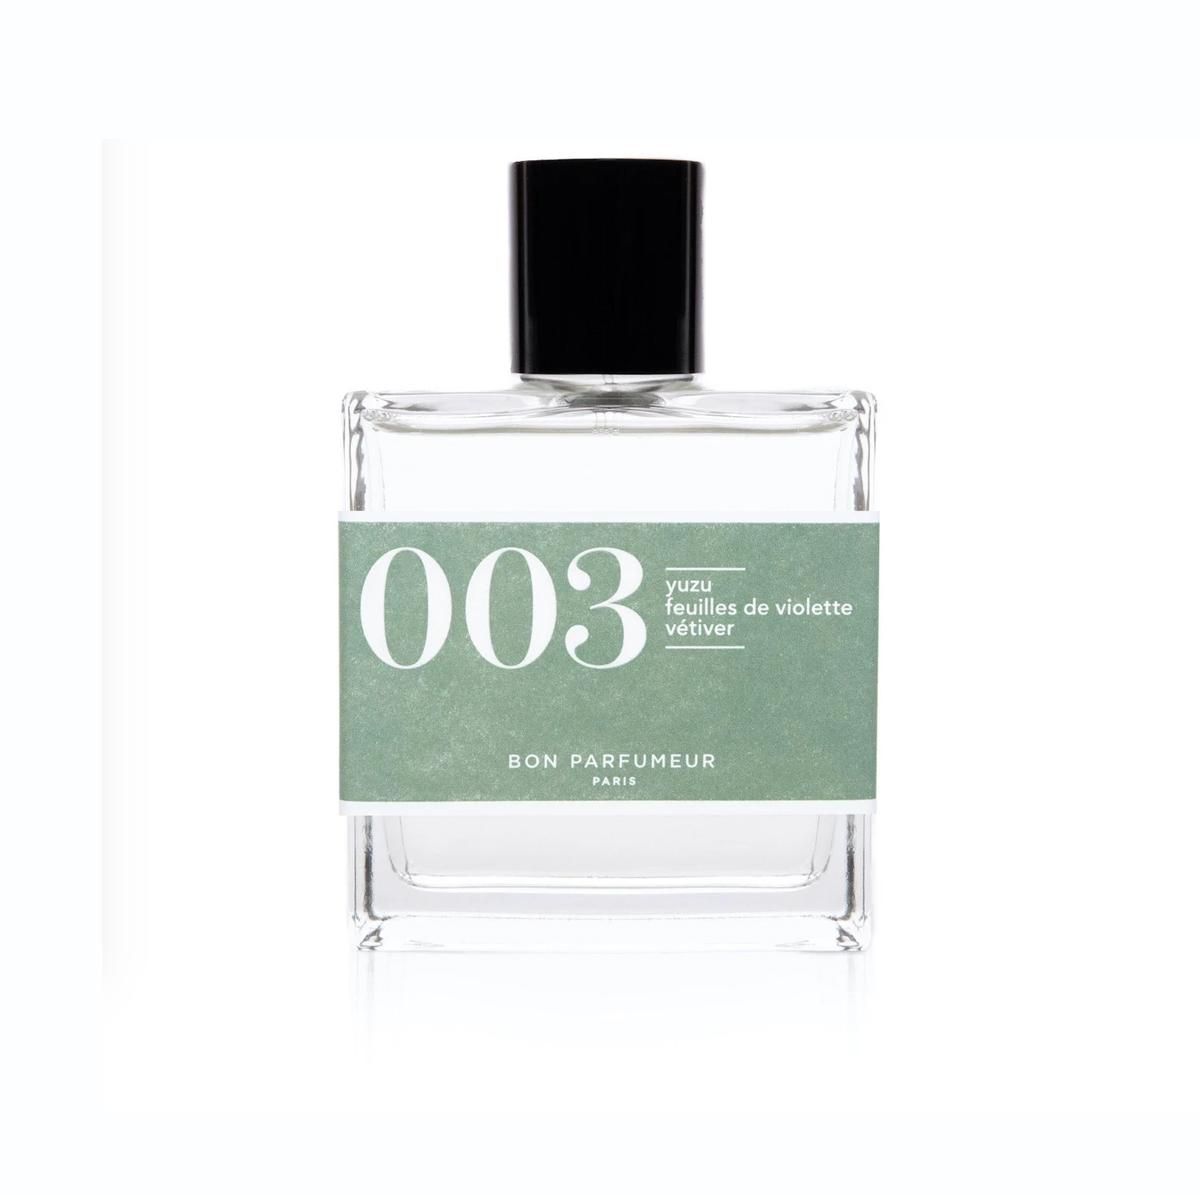 BON PARFUMEUR Eau de parfum 003